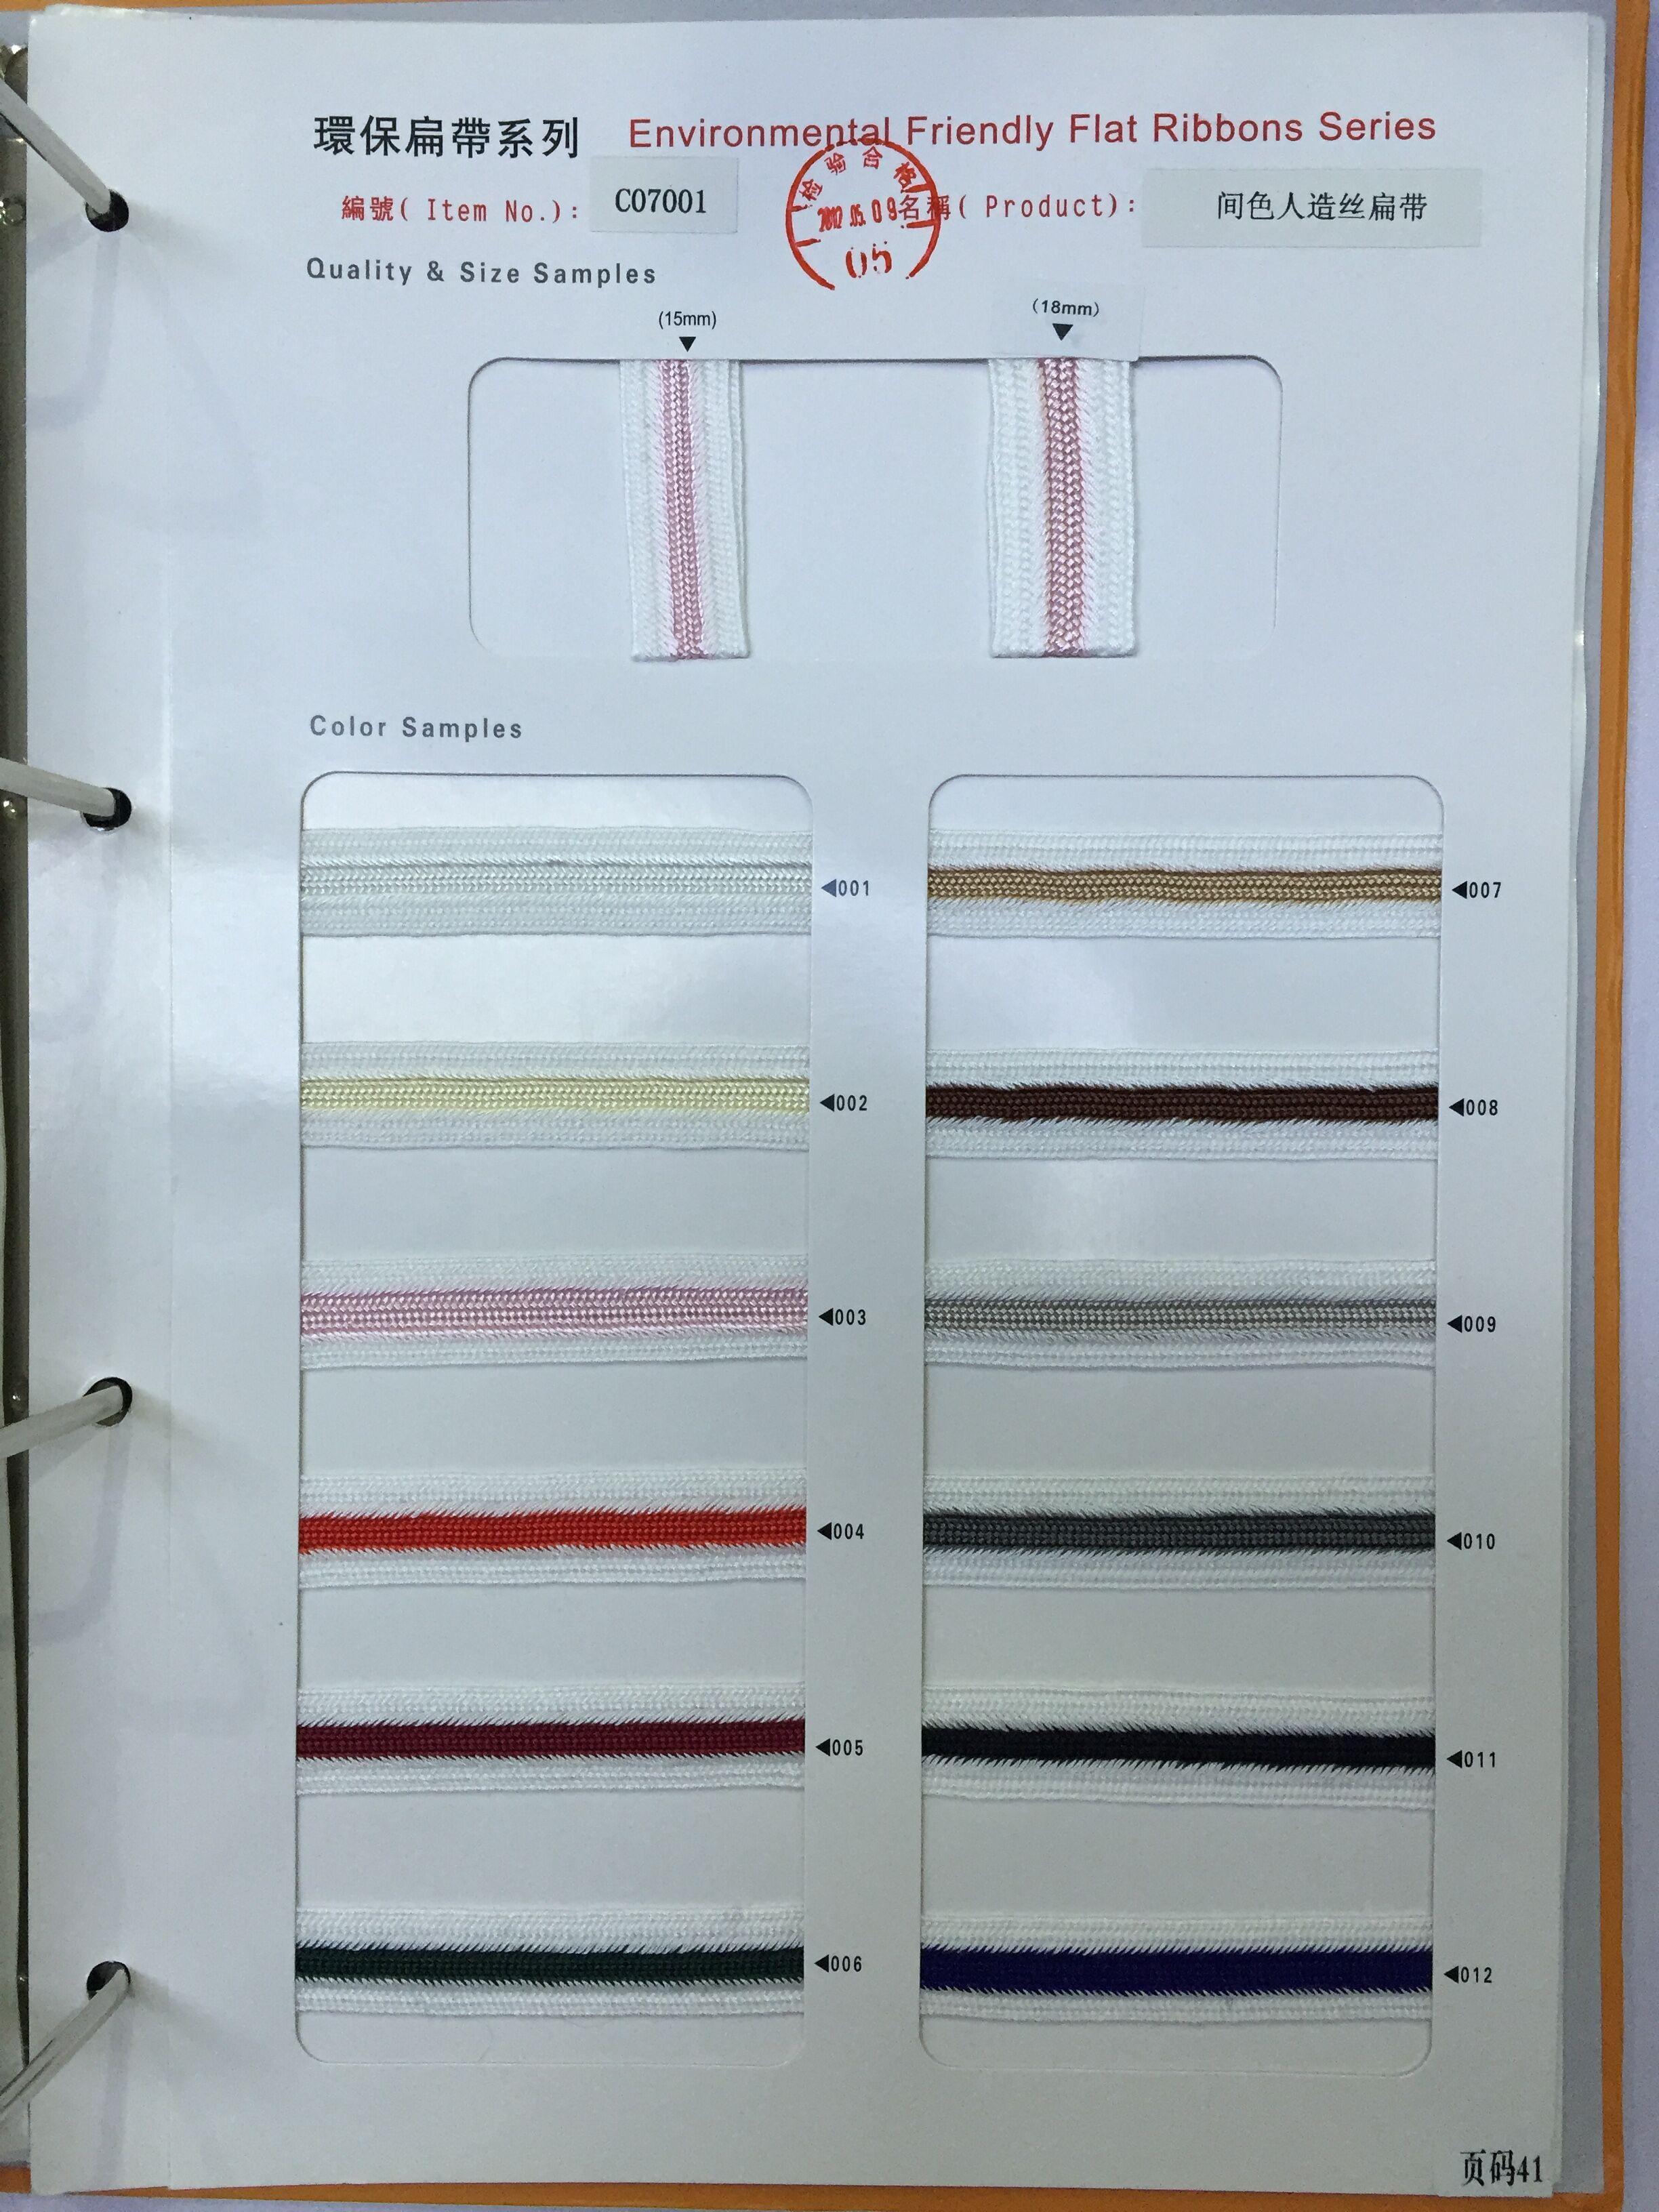 环保扁带 棉麻扁带 15-18mm间色人造丝扁图片六